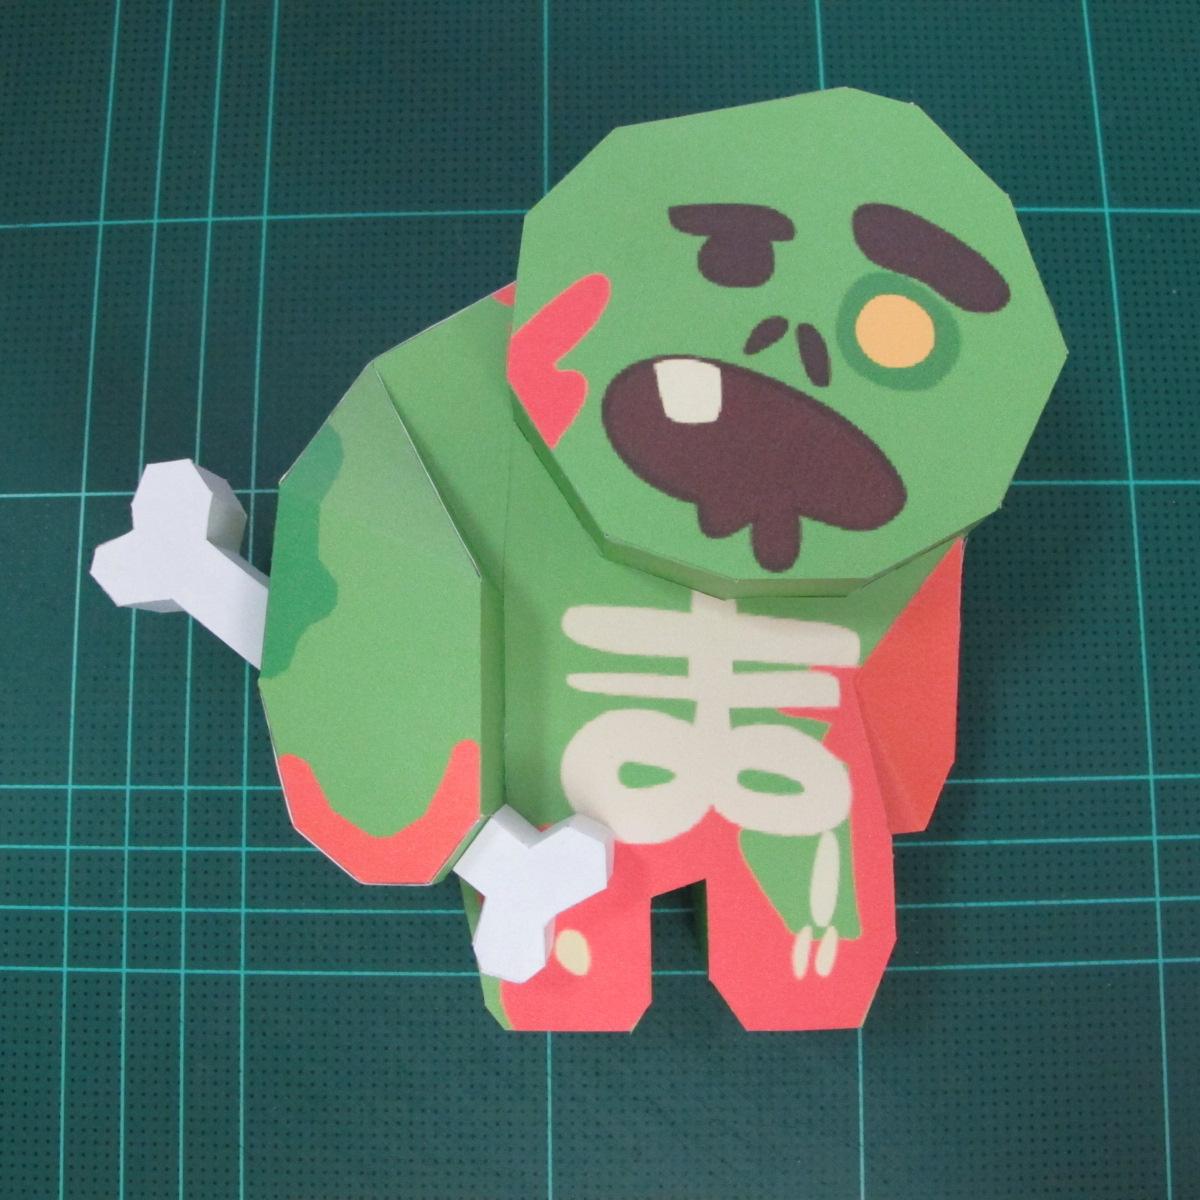 วิธีทำโมเดลกระดาษตุ้กตา คุกกี้ รัน คุกกี้รสซอมบี้ (LINE Cookie Run Zombie Cookie Papercraft Model) 024